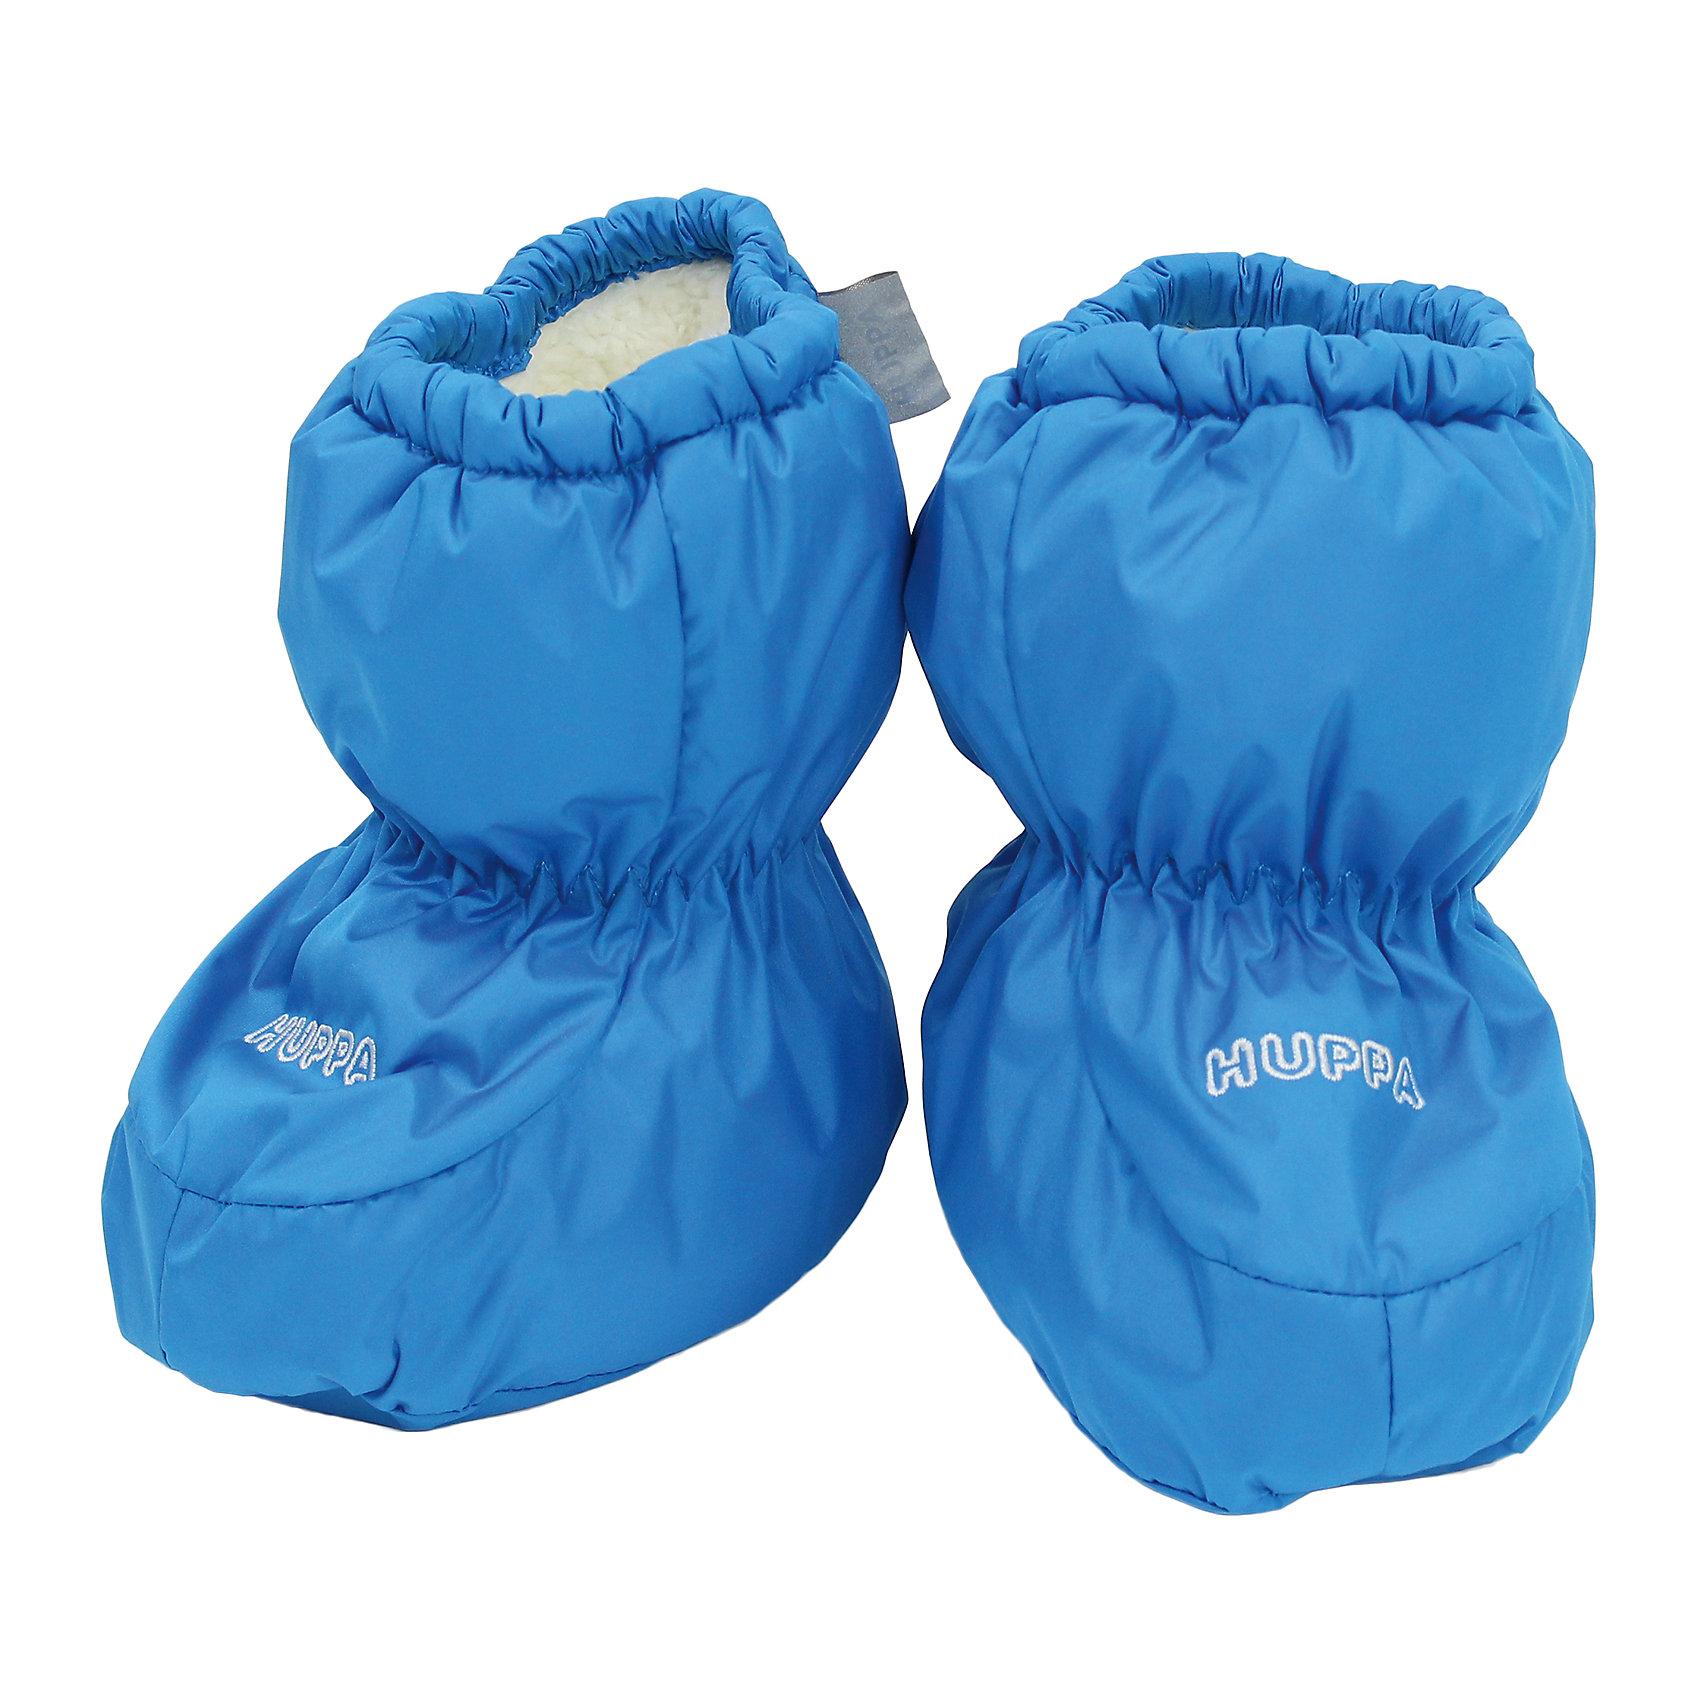 """Пинетки для мальчика HuppaПинетки для младенцев ярких цветов с легким ватином. У пинеток мягкая подкладка из """"Coral-fleece"""" и хорошо дышащая и водоотталкивающая ткань. Для удобства ношения пинеток в центральную часть и по верхнему краю вшиты резинки, чтобы они хорошо держались на ножках, а в качестве украшения добавлена красивая вышивка Huppa (Хуппа).<br><br><br>Пинетки для мальчика Huppa (Хуппа) можно купить в нашем магазине.<br><br>Ширина мм: 162<br>Глубина мм: 171<br>Высота мм: 55<br>Вес г: 119<br>Цвет: голубой<br>Возраст от месяцев: 0<br>Возраст до месяцев: 6<br>Пол: Мужской<br>Возраст: Детский<br>Размер: one size<br>SKU: 4243092"""